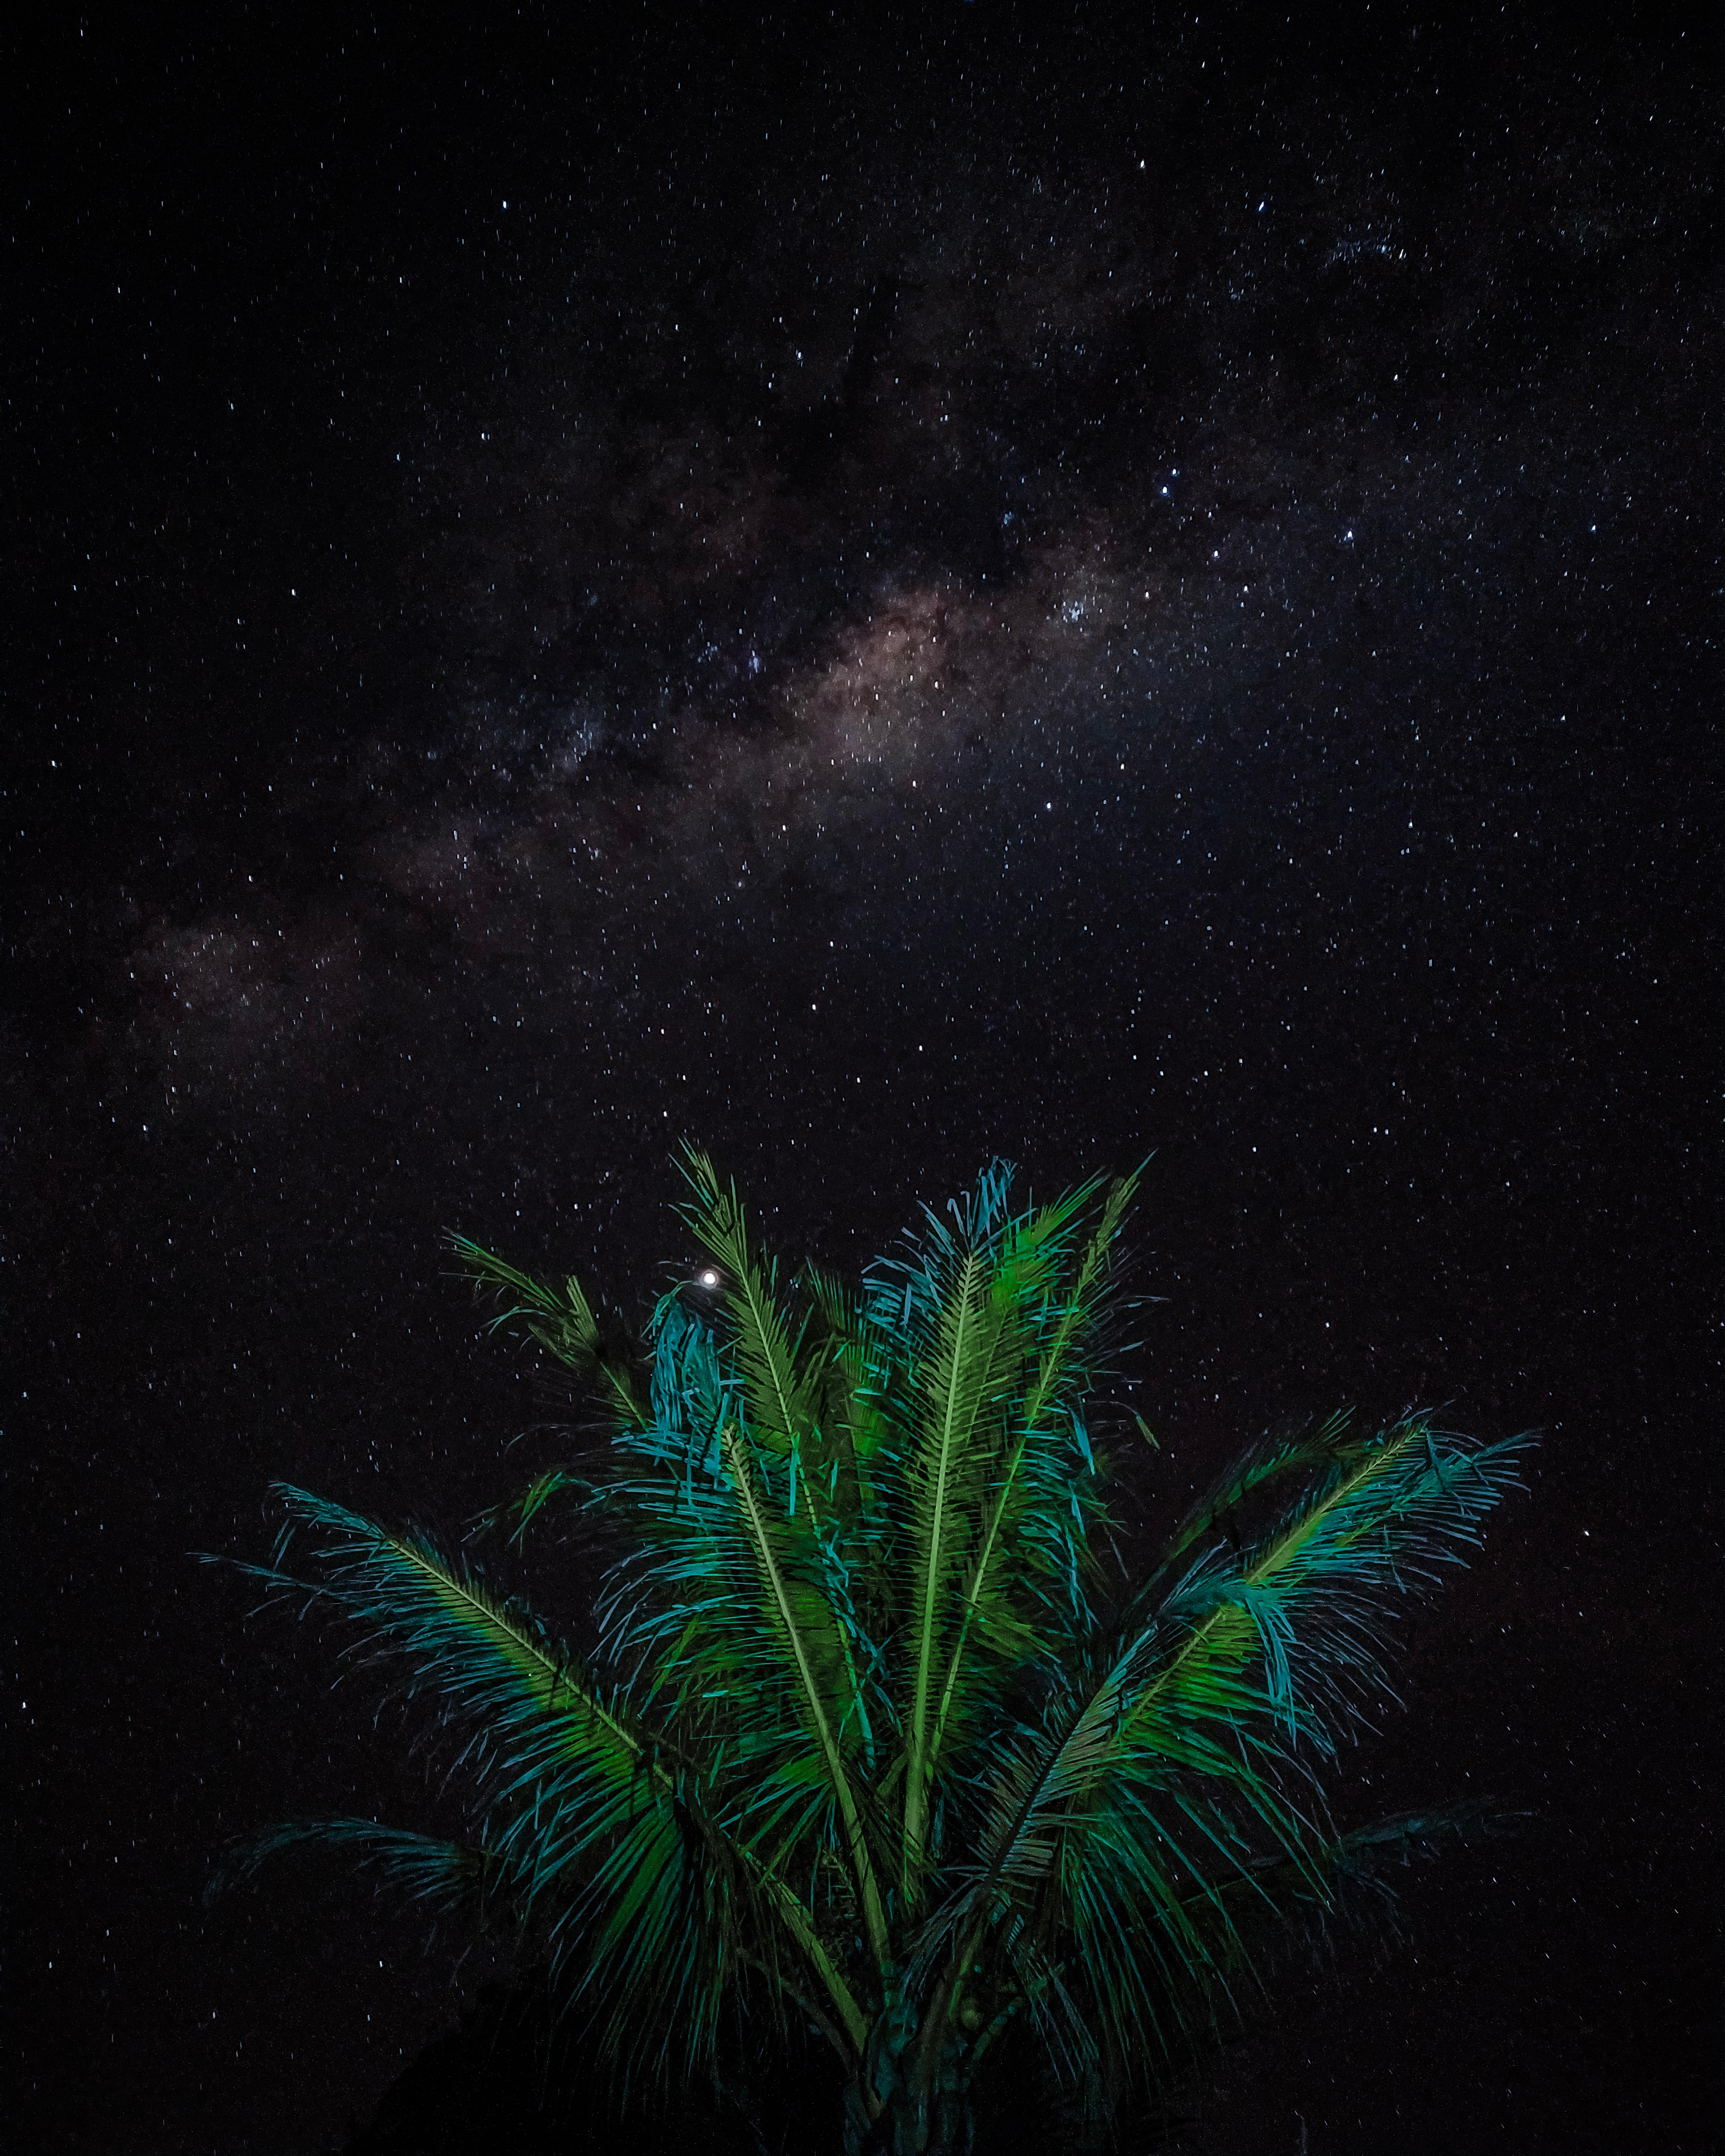 79614 Заставки и Обои Темные на телефон. Скачать Темные, Звезды, Ночь, Звездное Небо, Пальма, Ветки картинки бесплатно